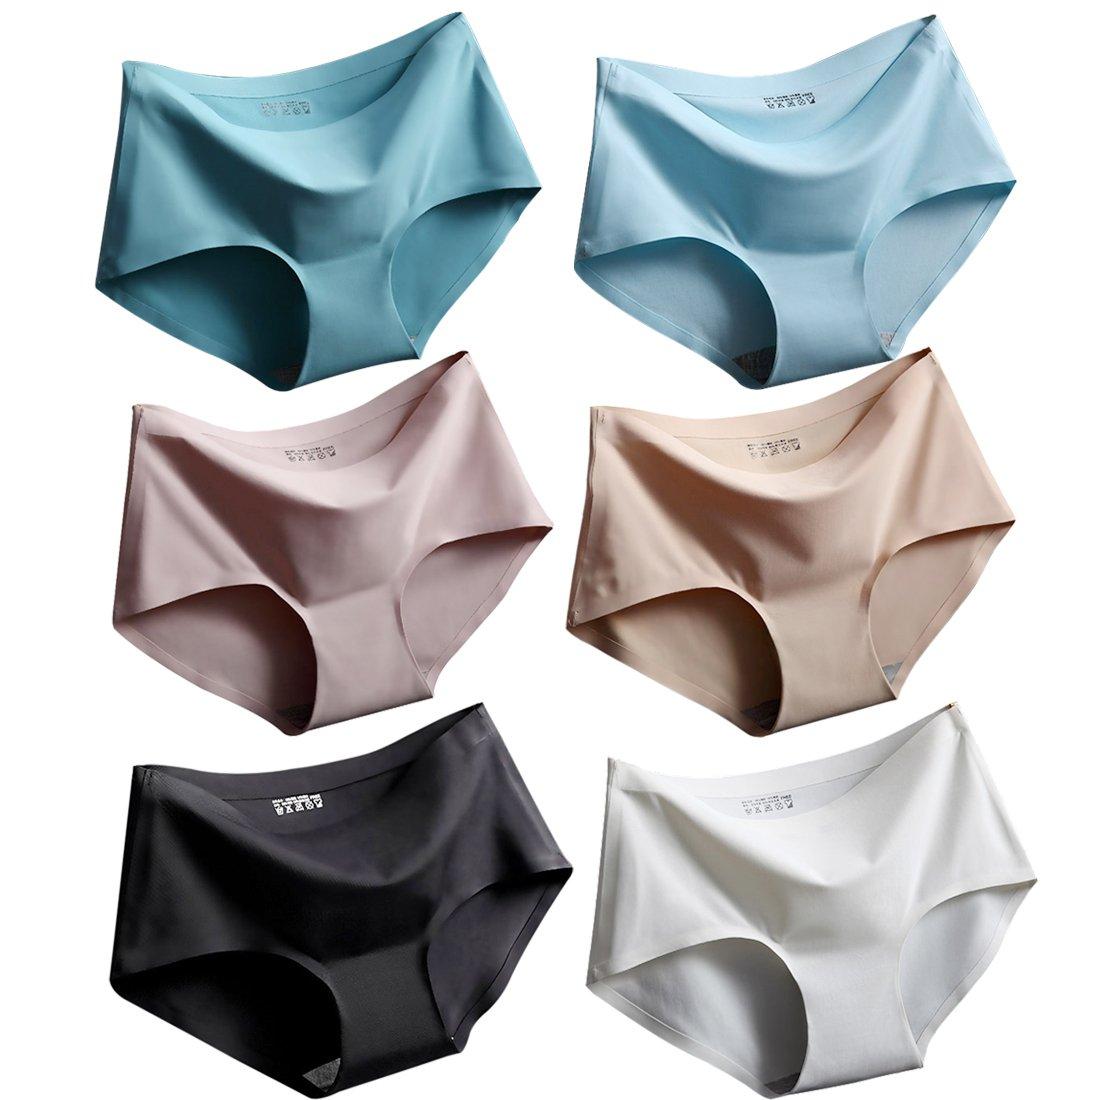 Srizgo Panty Damen 6er Pack Seamless bequem Soft Damen Slips